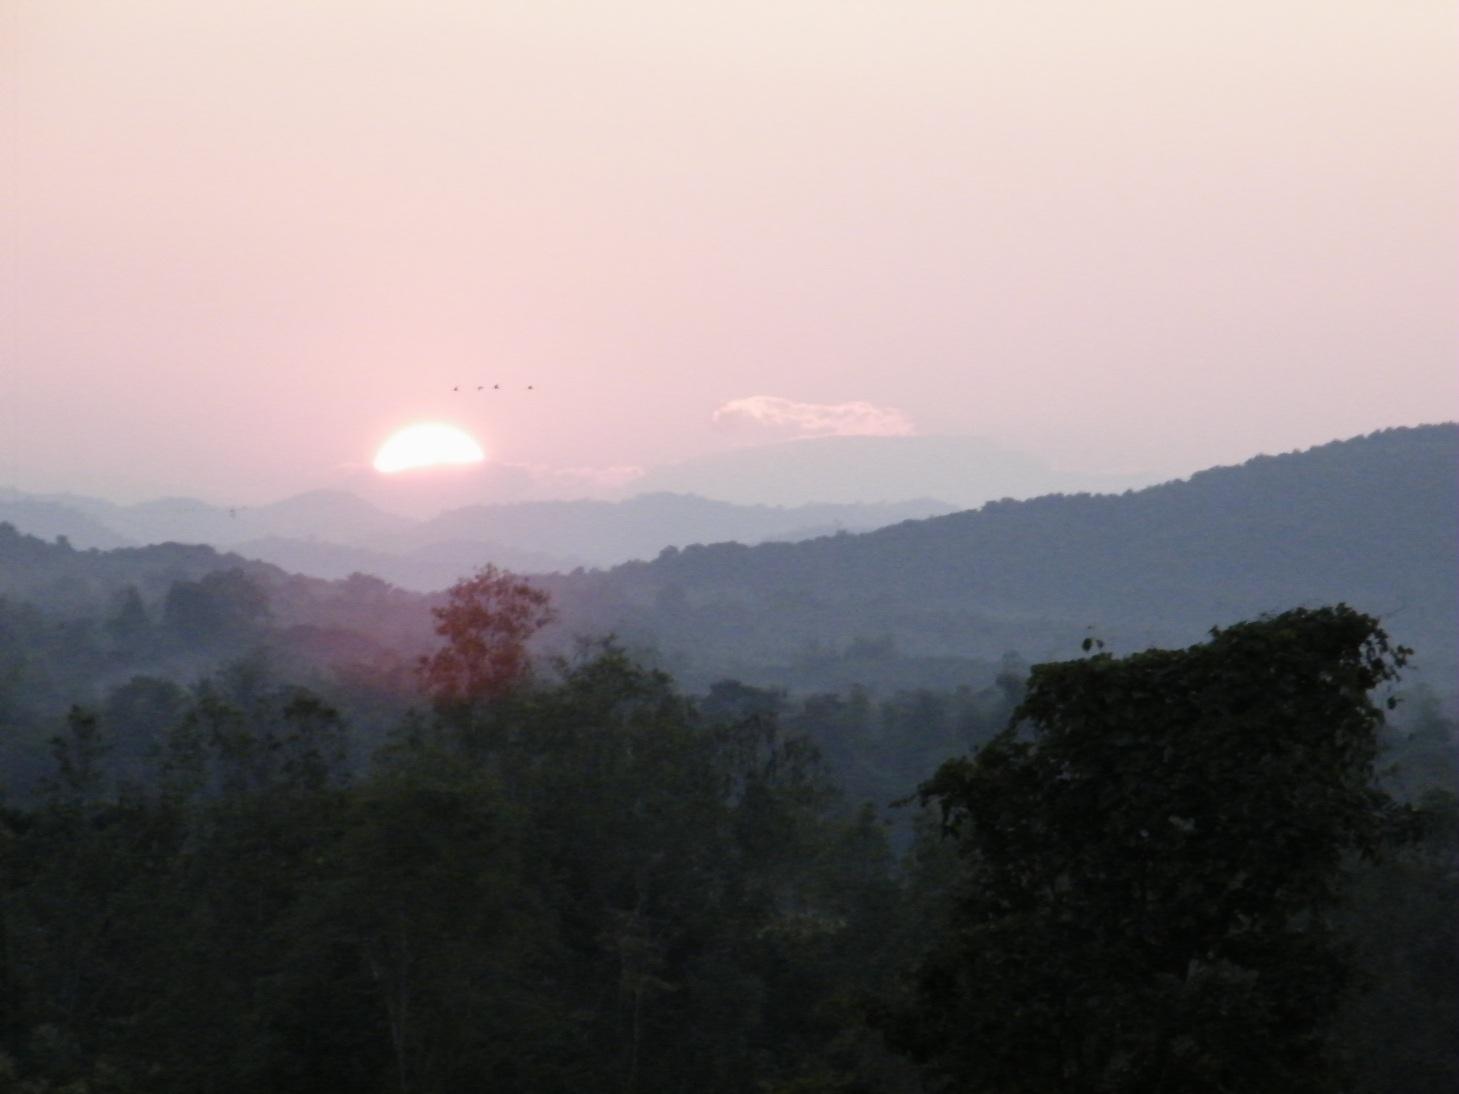 นอนนับดาว รีสอร์ท บ้านพัก ภูทอก เชียงคาน พระอาทิตย์ตก